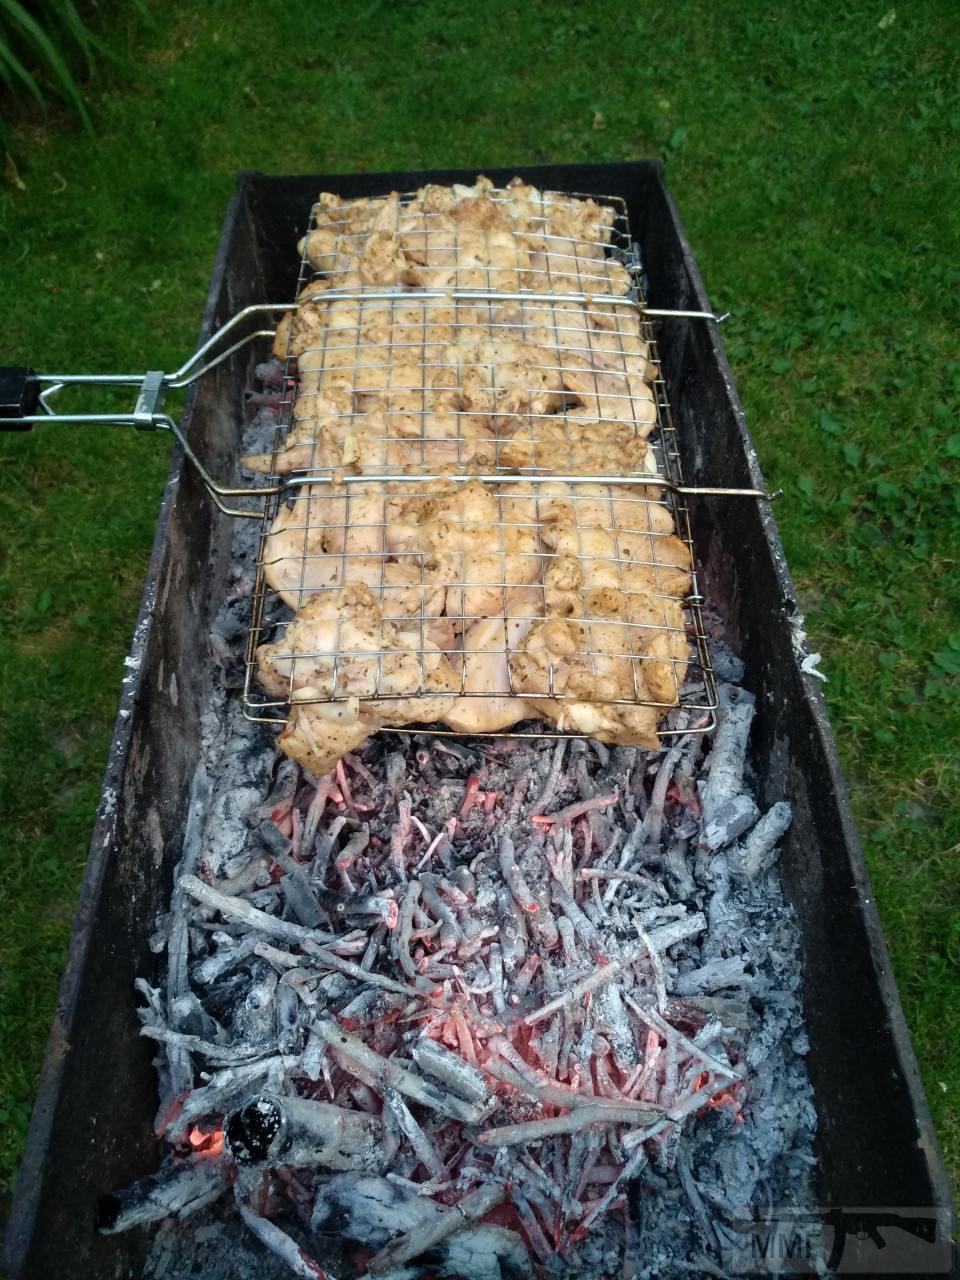 106952 - Закуски на огне (мангал, барбекю и т.д.) и кулинария вообще. Советы и рецепты.